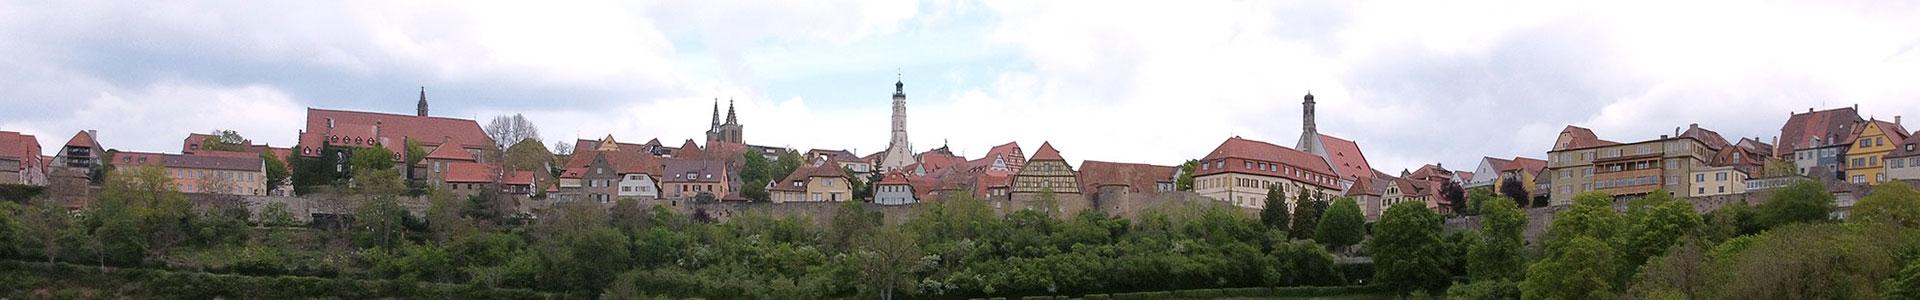 Silhouette von Rothenburg ob der Tauber aus dem Taubertal blickend